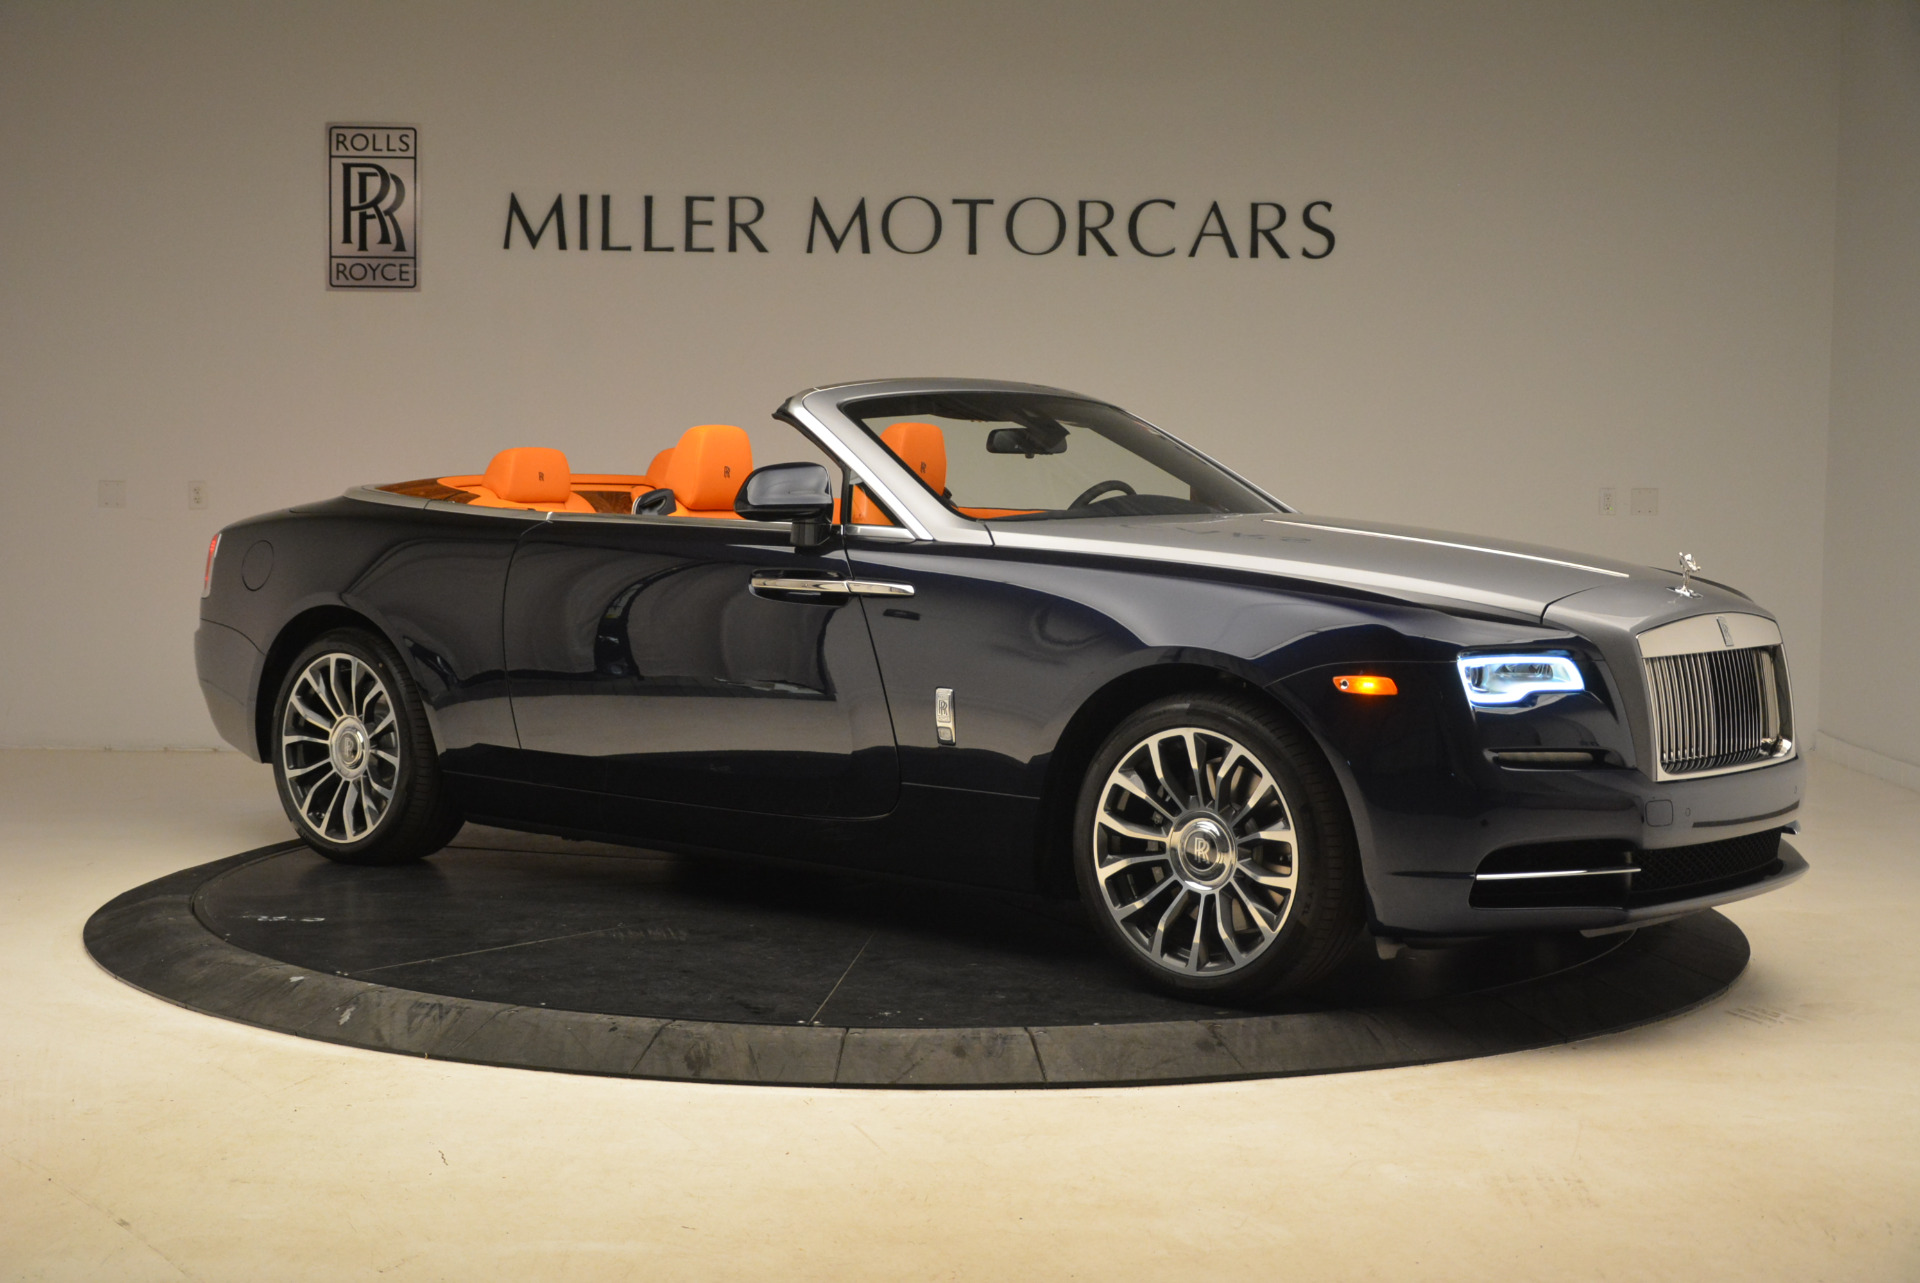 New 2018 Rolls Royce Dawn